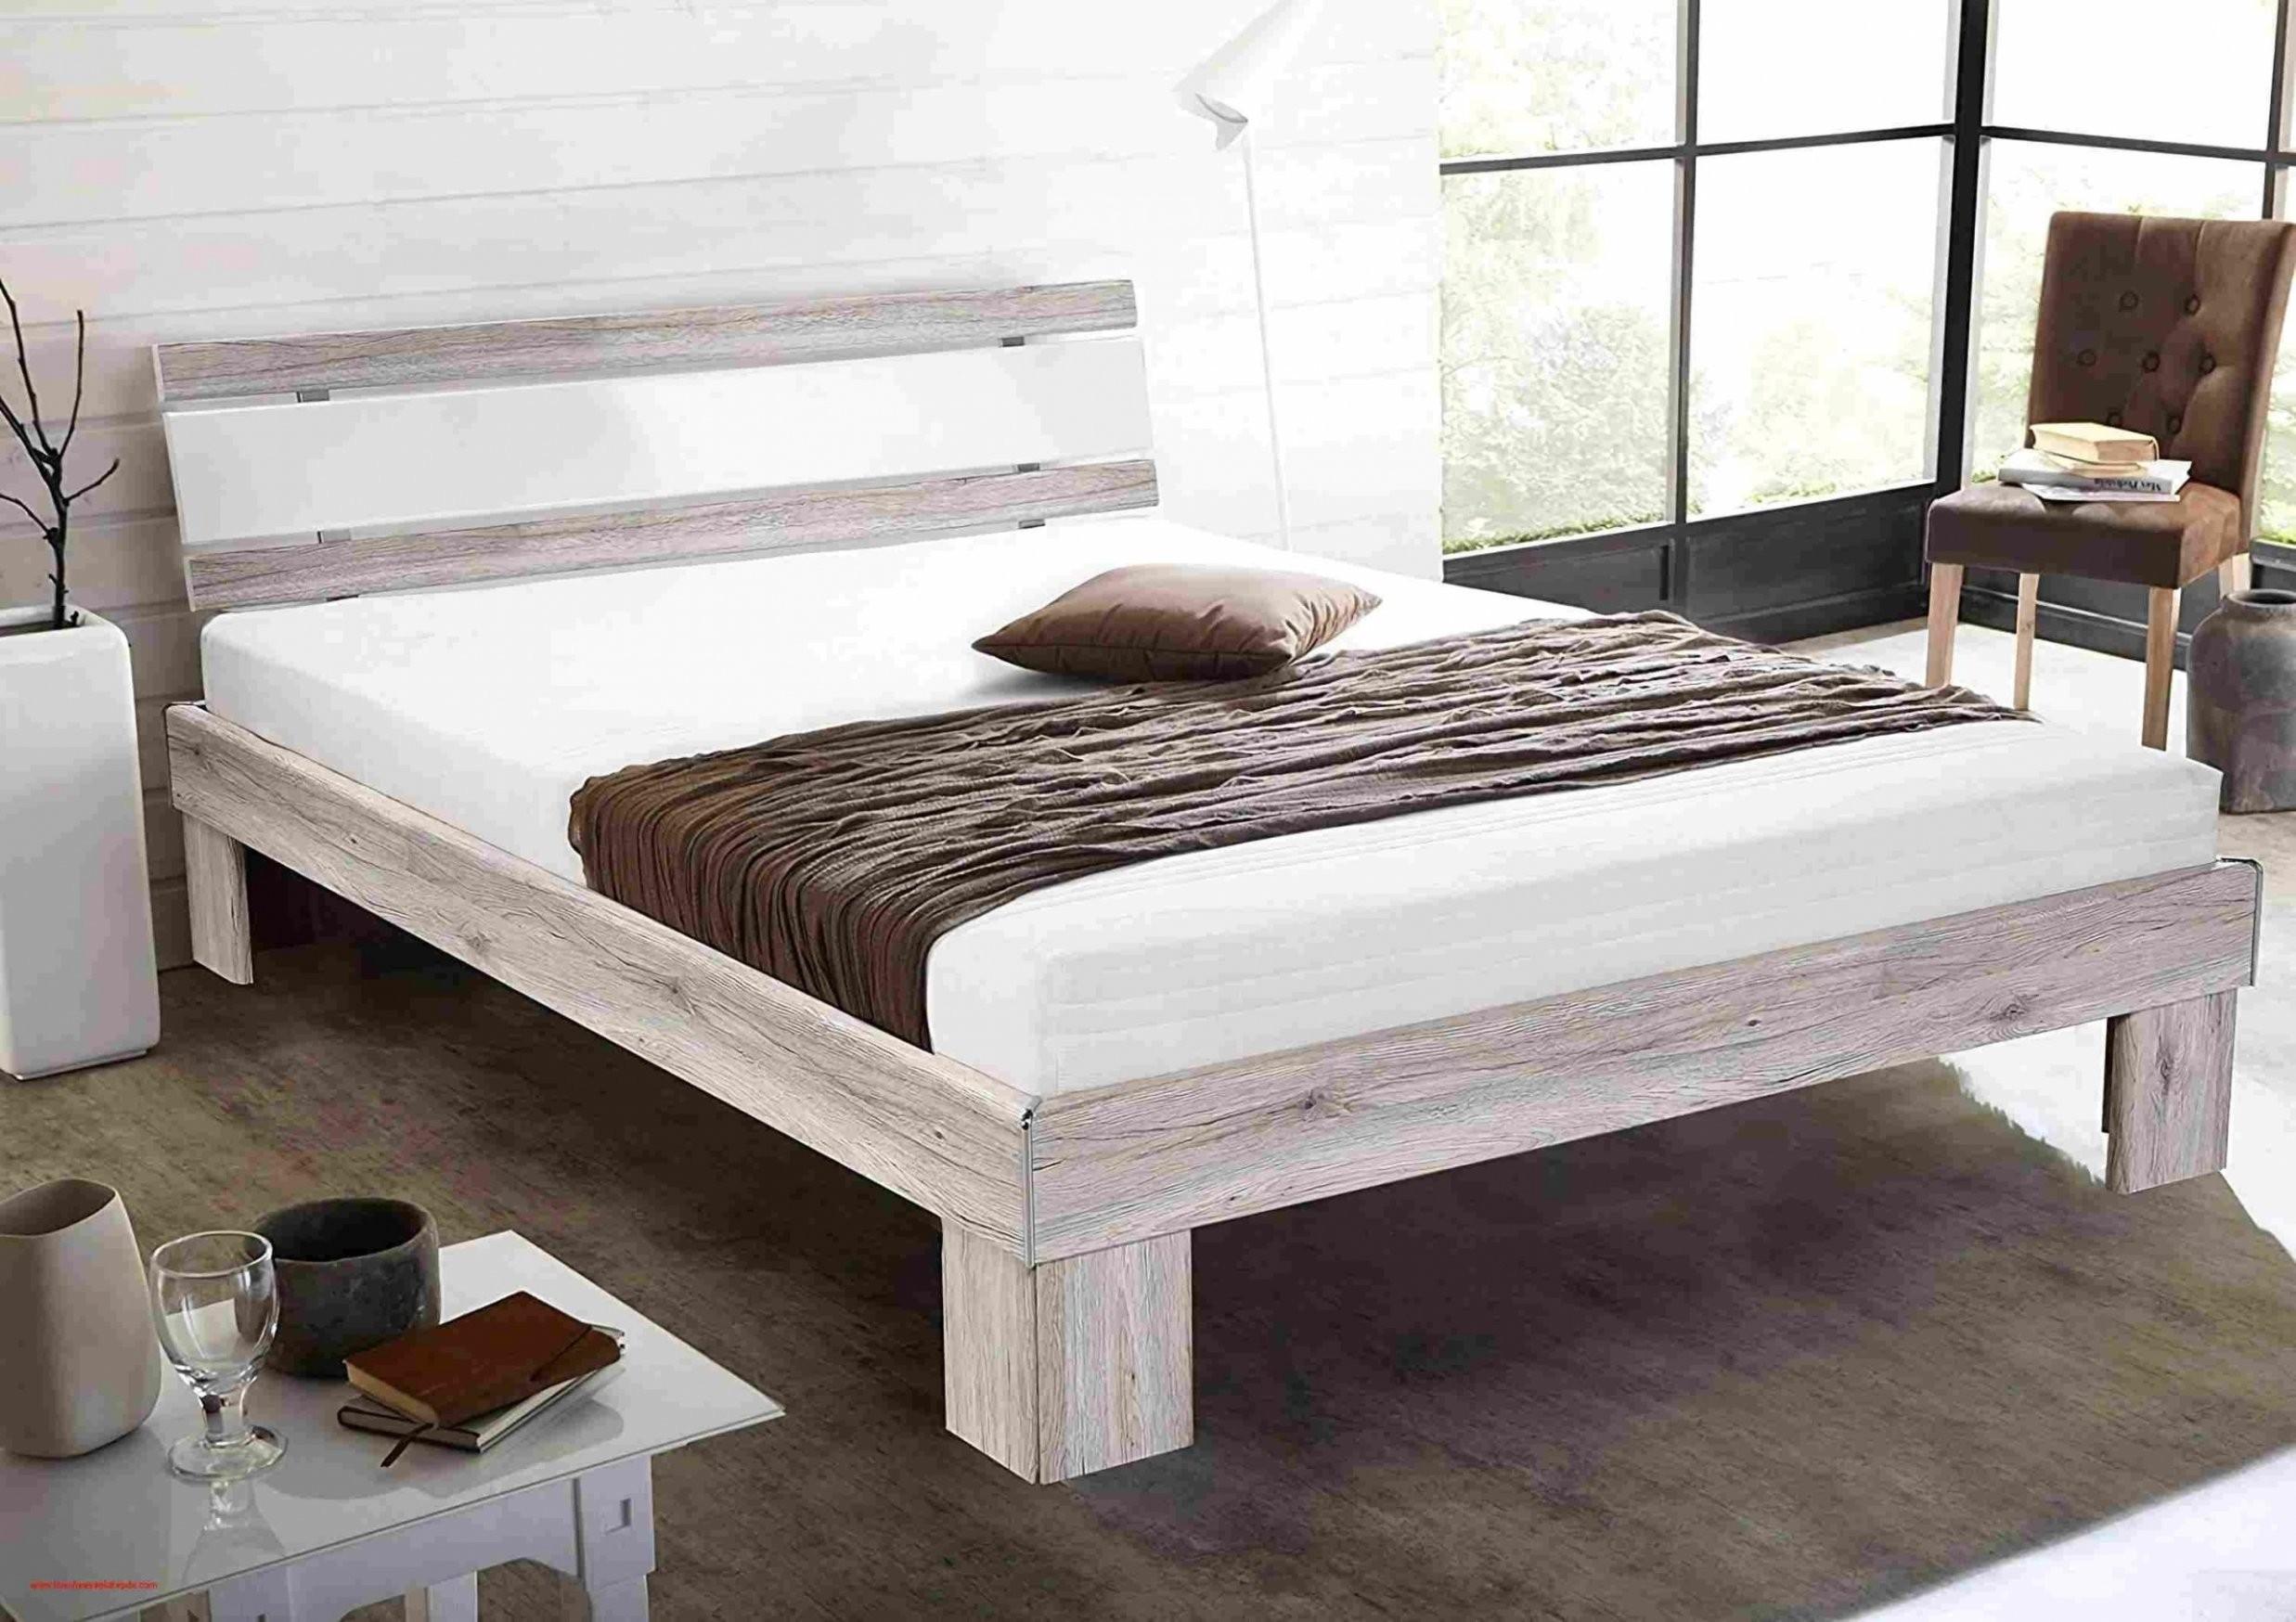 Günstige Betten Mit Matratze Und Lattenrost 180X200 | Haus Bauen